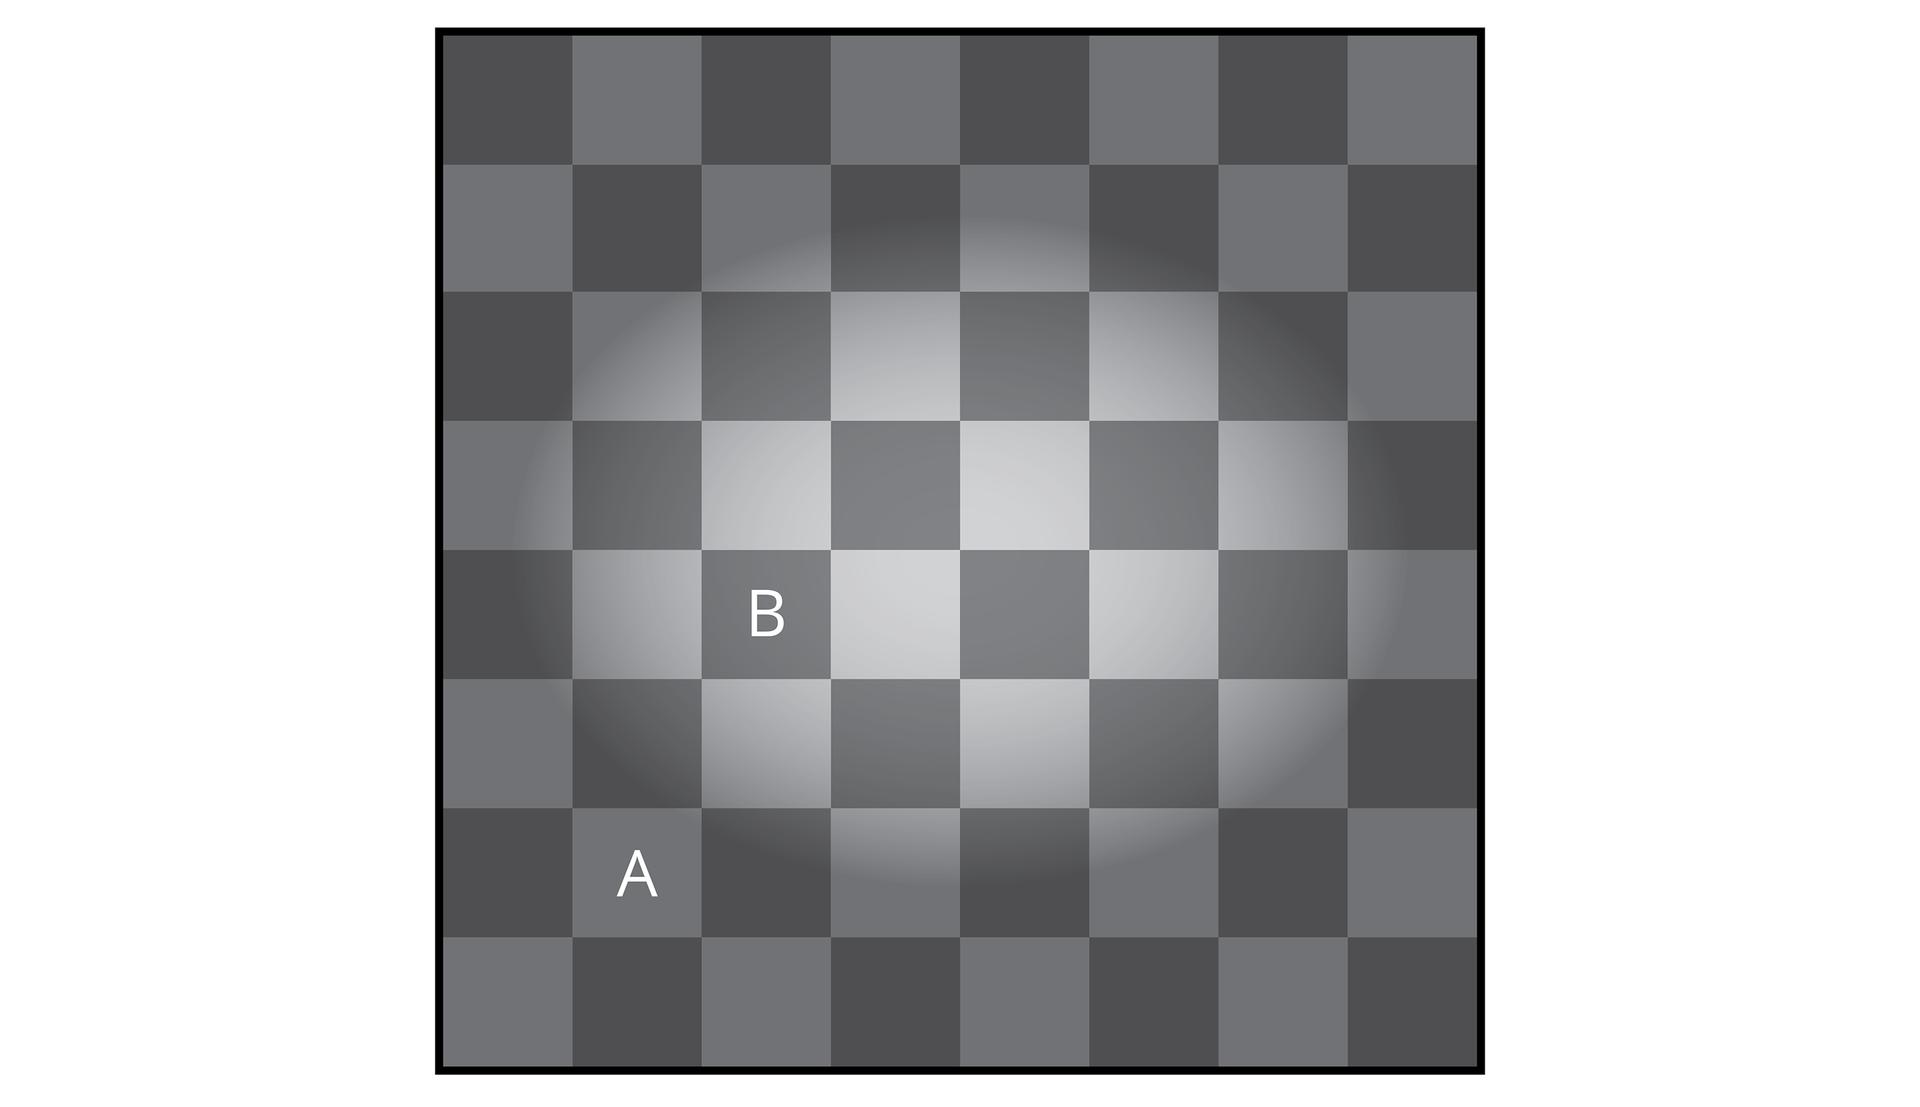 Wgalerii znajdują się przykłady obrazów, wprowadzających mózg wbłąd. Ilustracja przedstawia szaro – ciemnoszarą szachownicę. Część środkowa wydaje się uwypuklona. Który kwadrat: Aczy Bjest jaśniejszy?